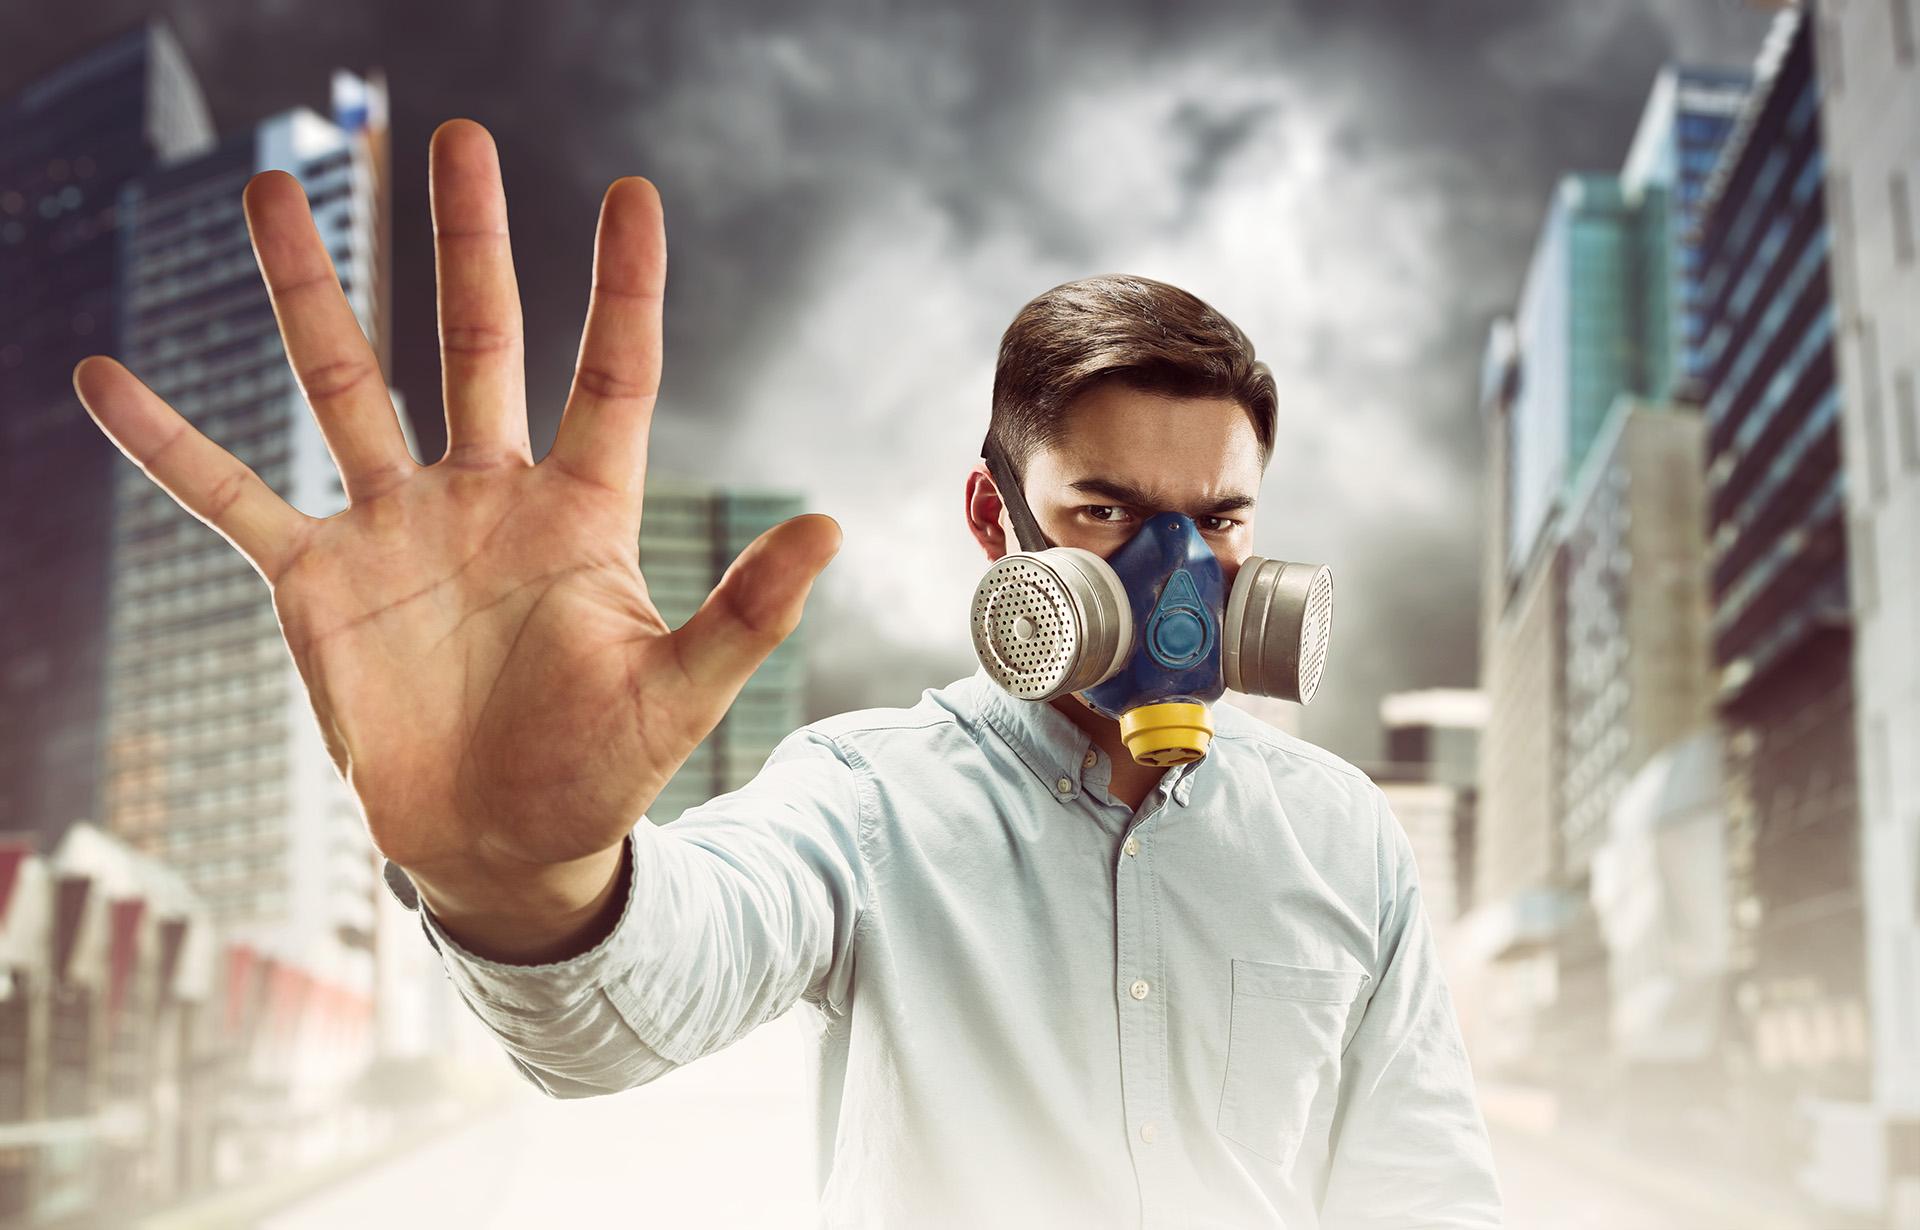 Az otthonunkban és a munkahelyünkön van megoldás az allergének eltávolítására - nem kell egész nap maszkot viselni!